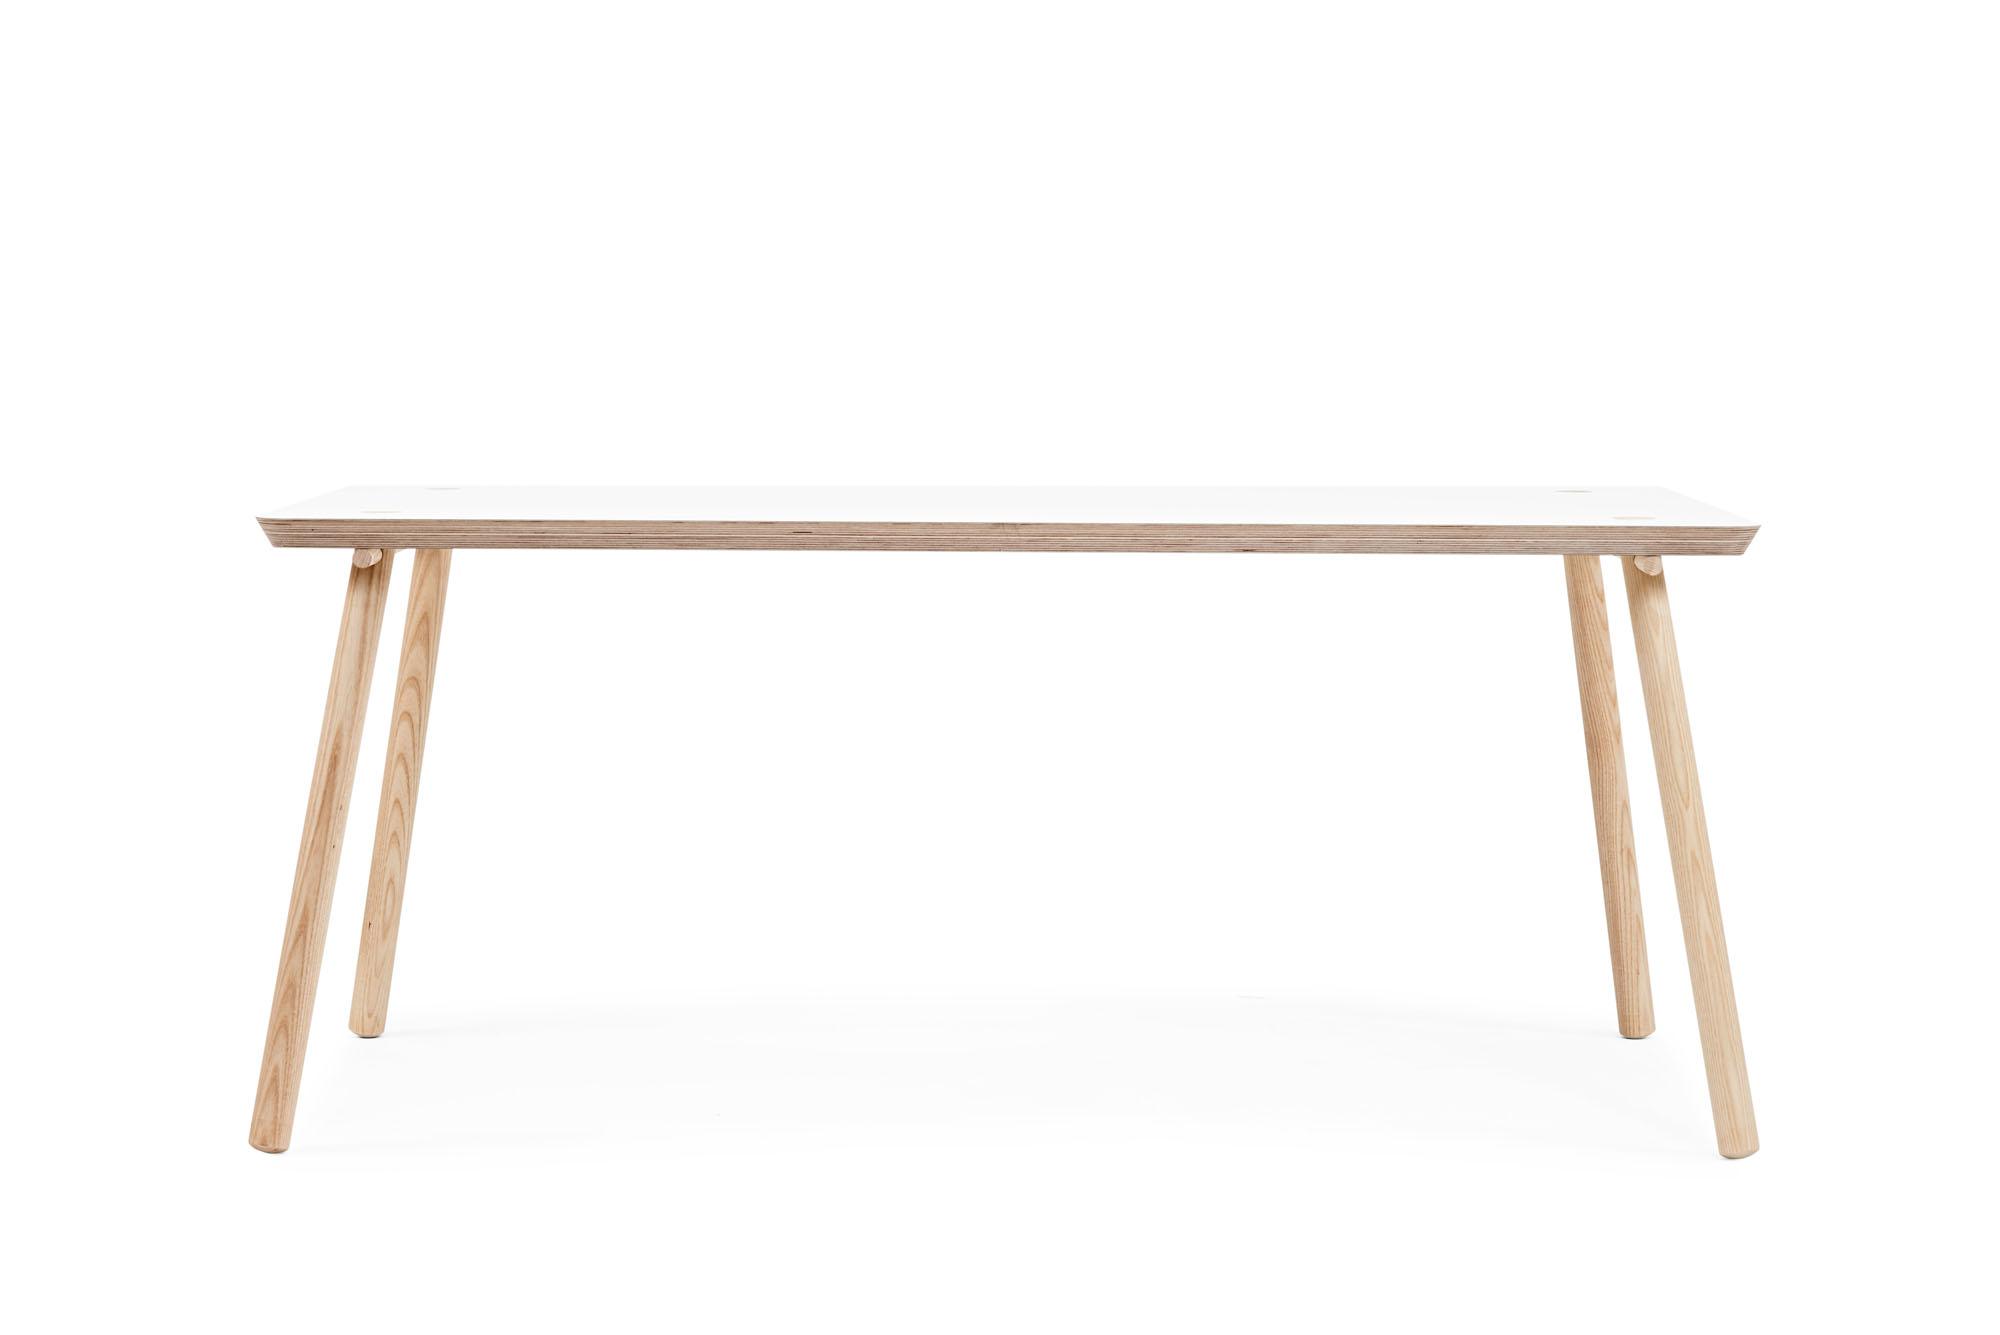 Stip eettafel van stilst kopen bestel online bij gimmii dutch design - Tapijt onder de eettafel ...